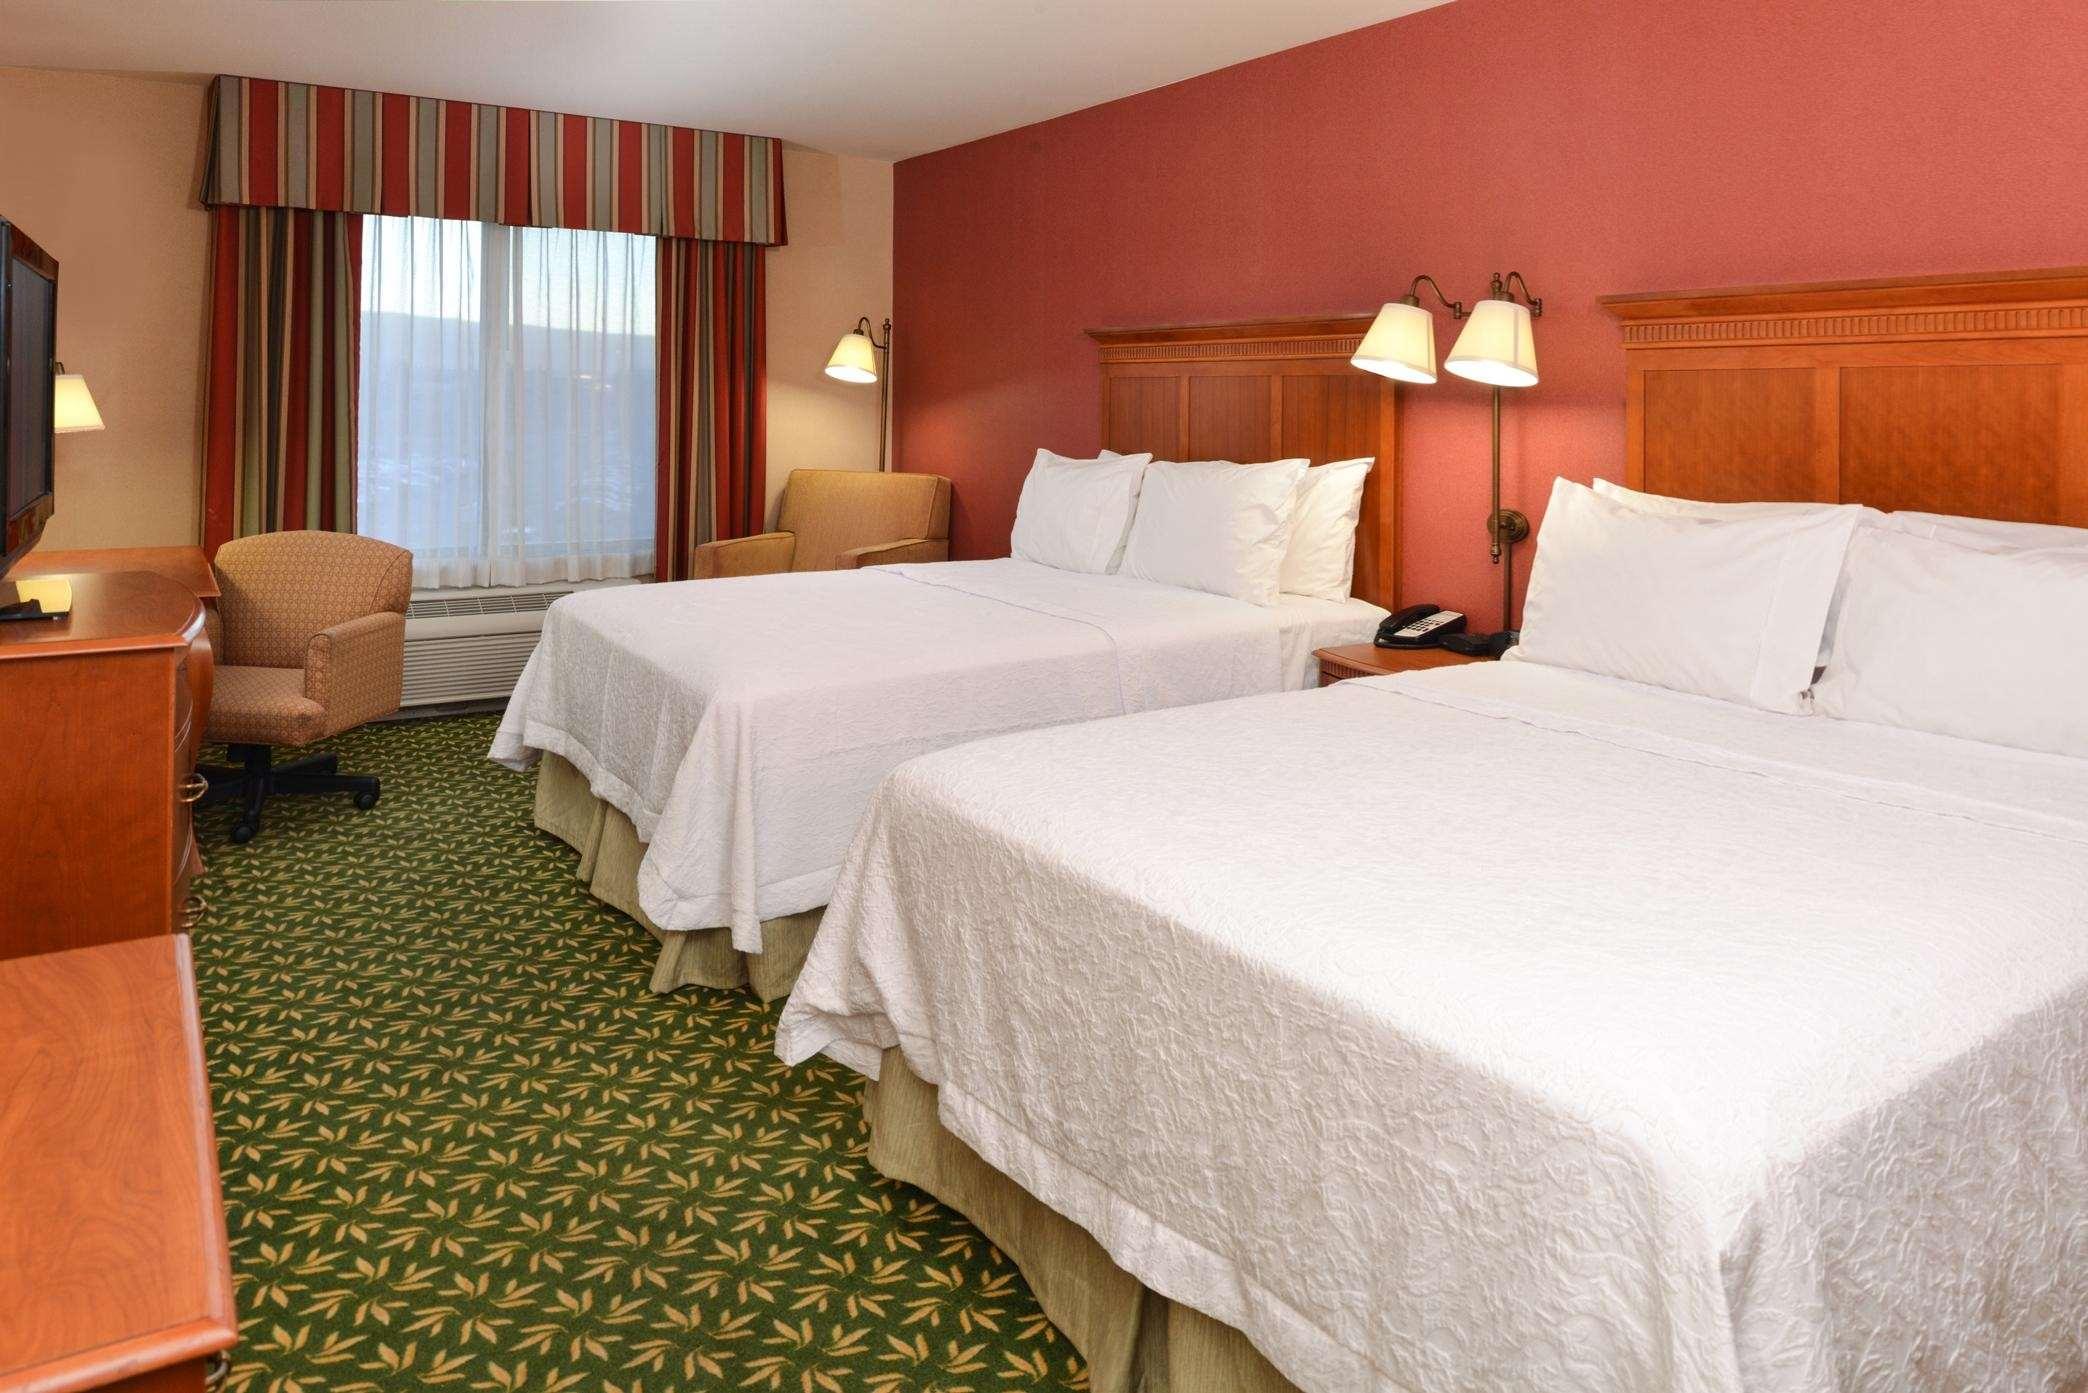 Hampton Inn & Suites Casper image 26